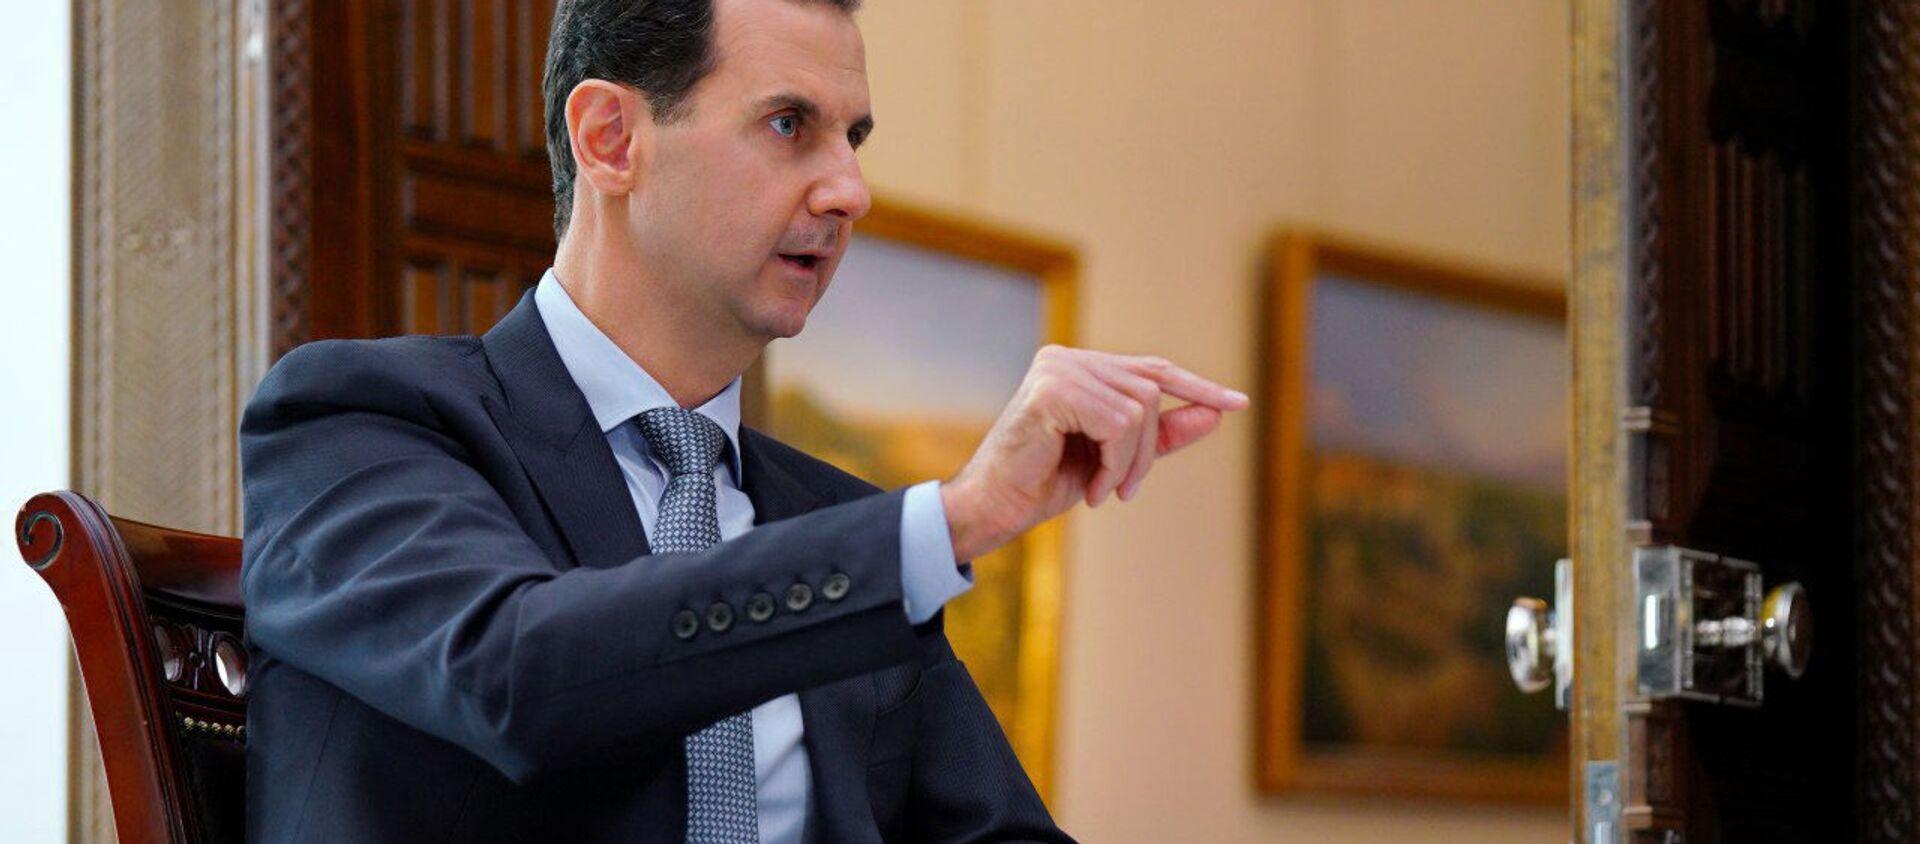 Prezydent Syrii Baszar al-Asad - Sputnik Polska, 1920, 23.04.2021